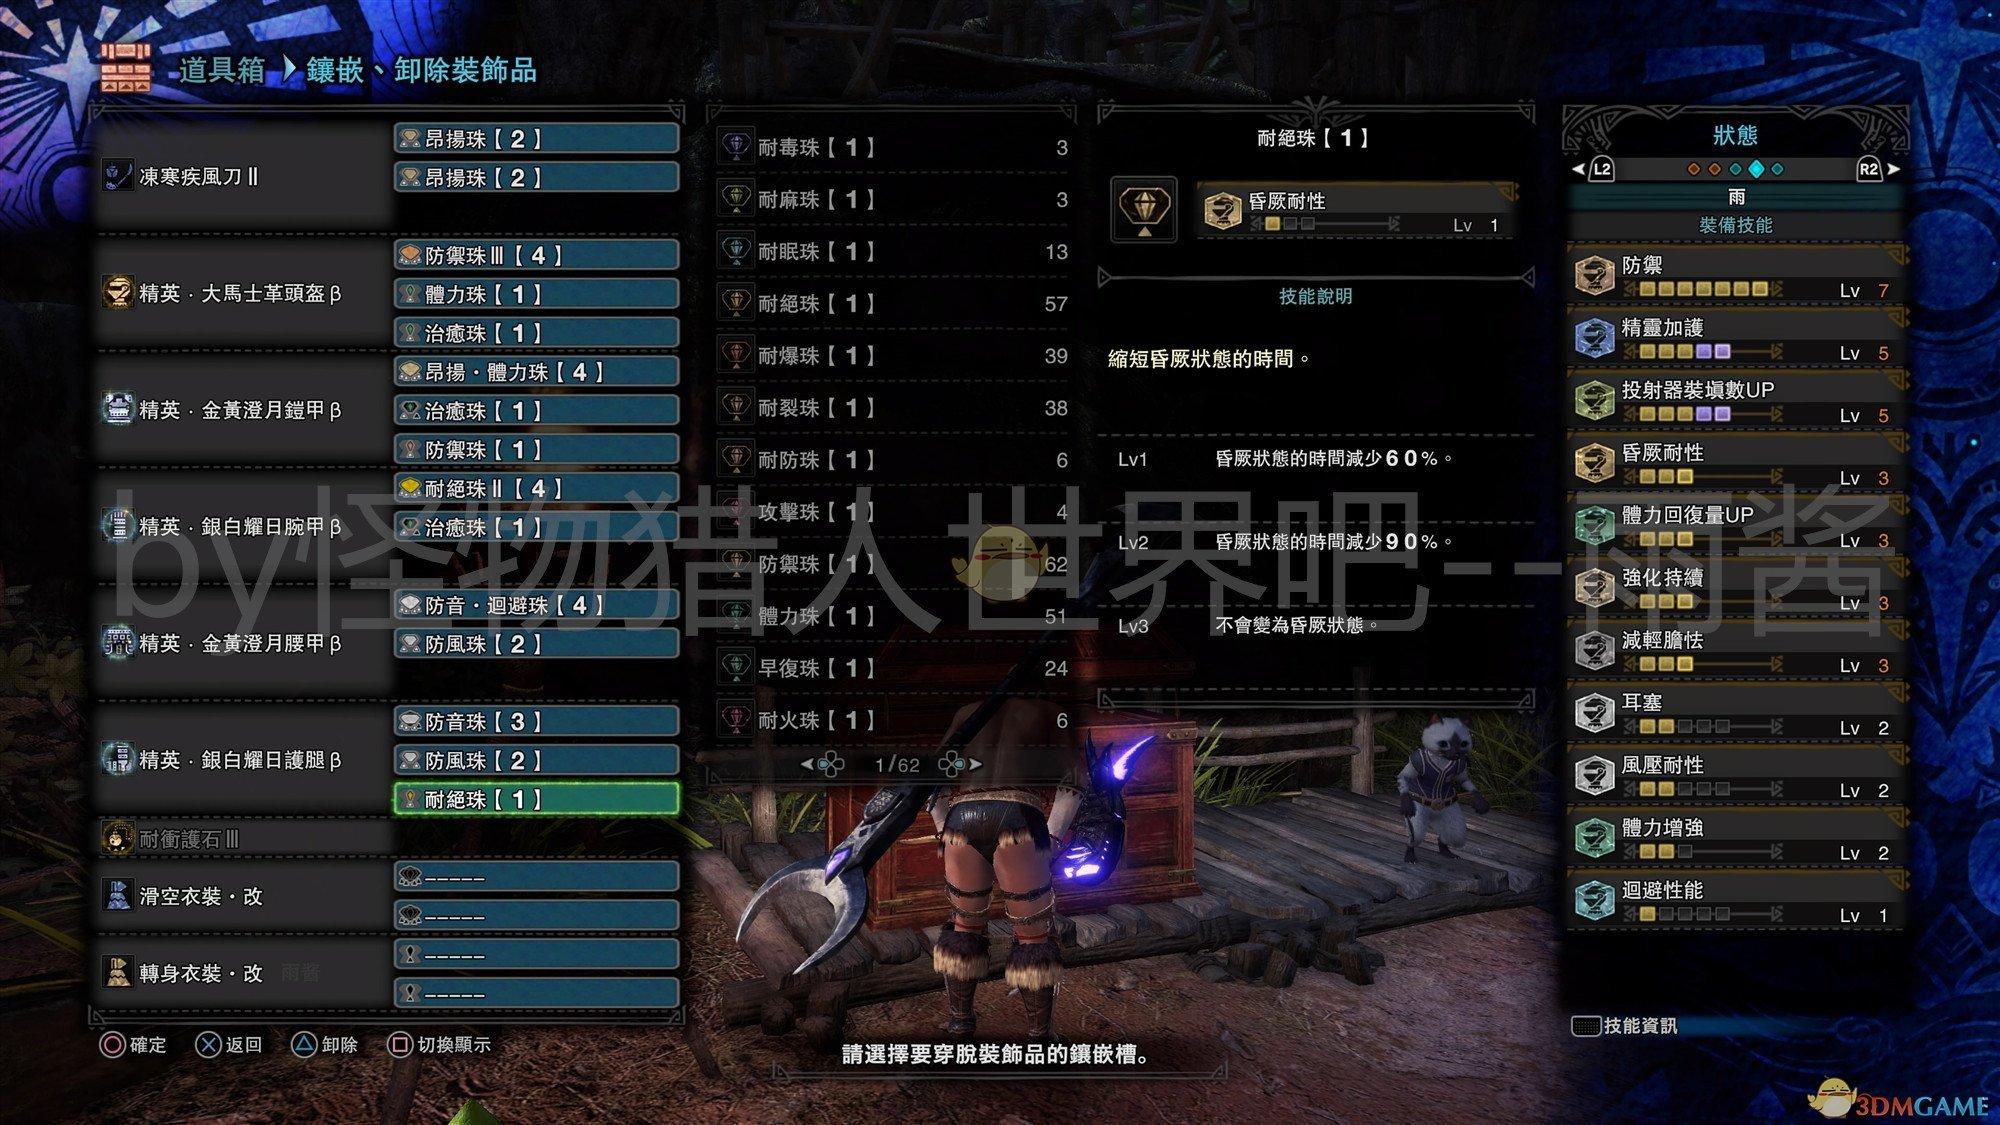 《怪物猎人:世界》冰原DLC操虫棍配装技能选择推荐